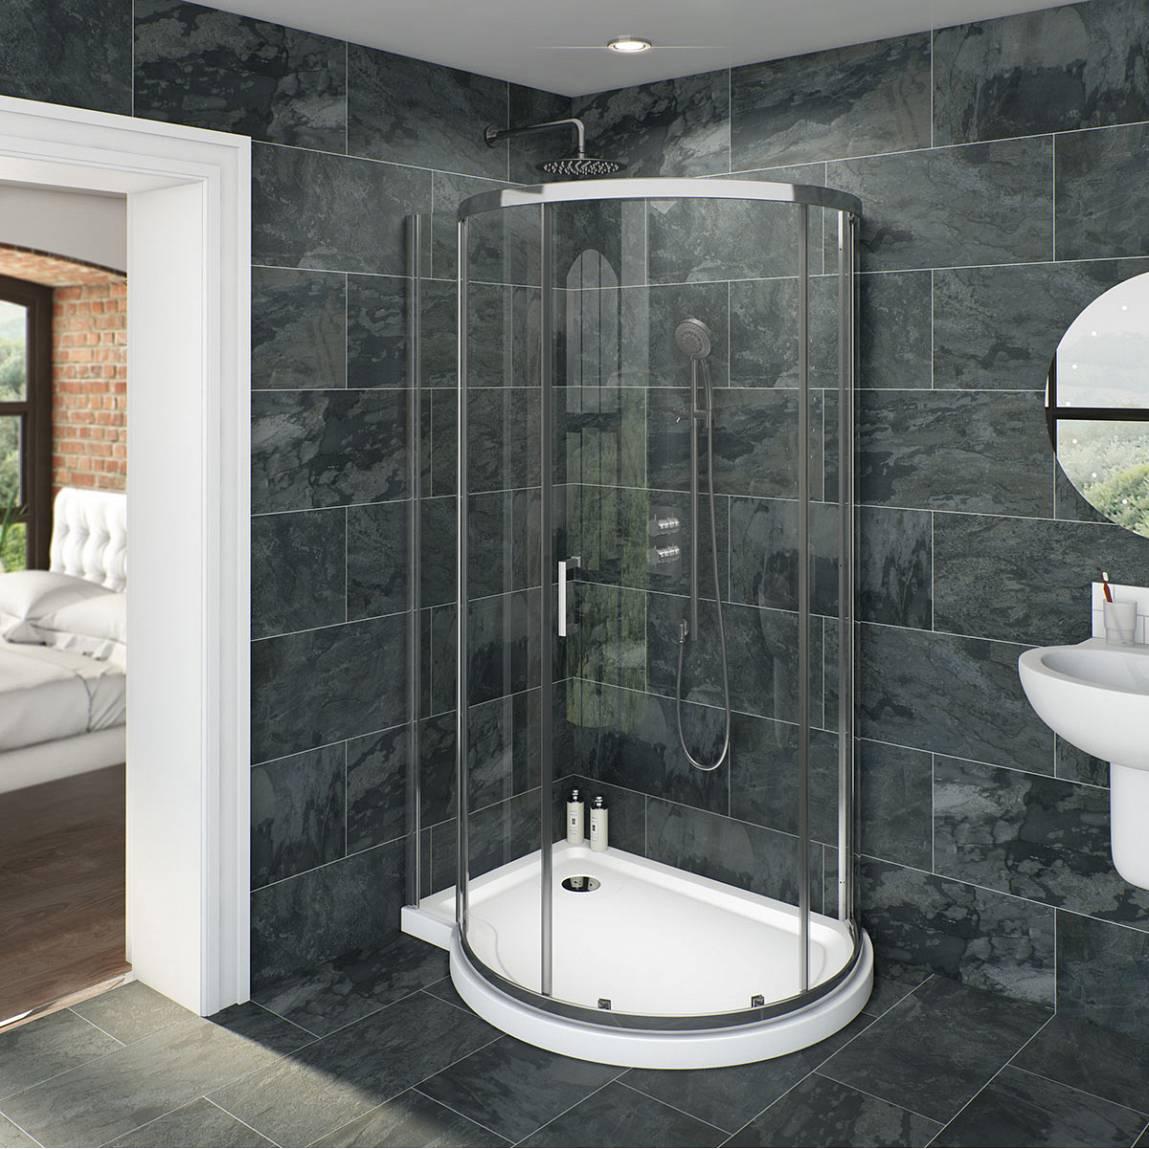 5 Big Ideas for Small Bathrooms | VictoriaPlum.com